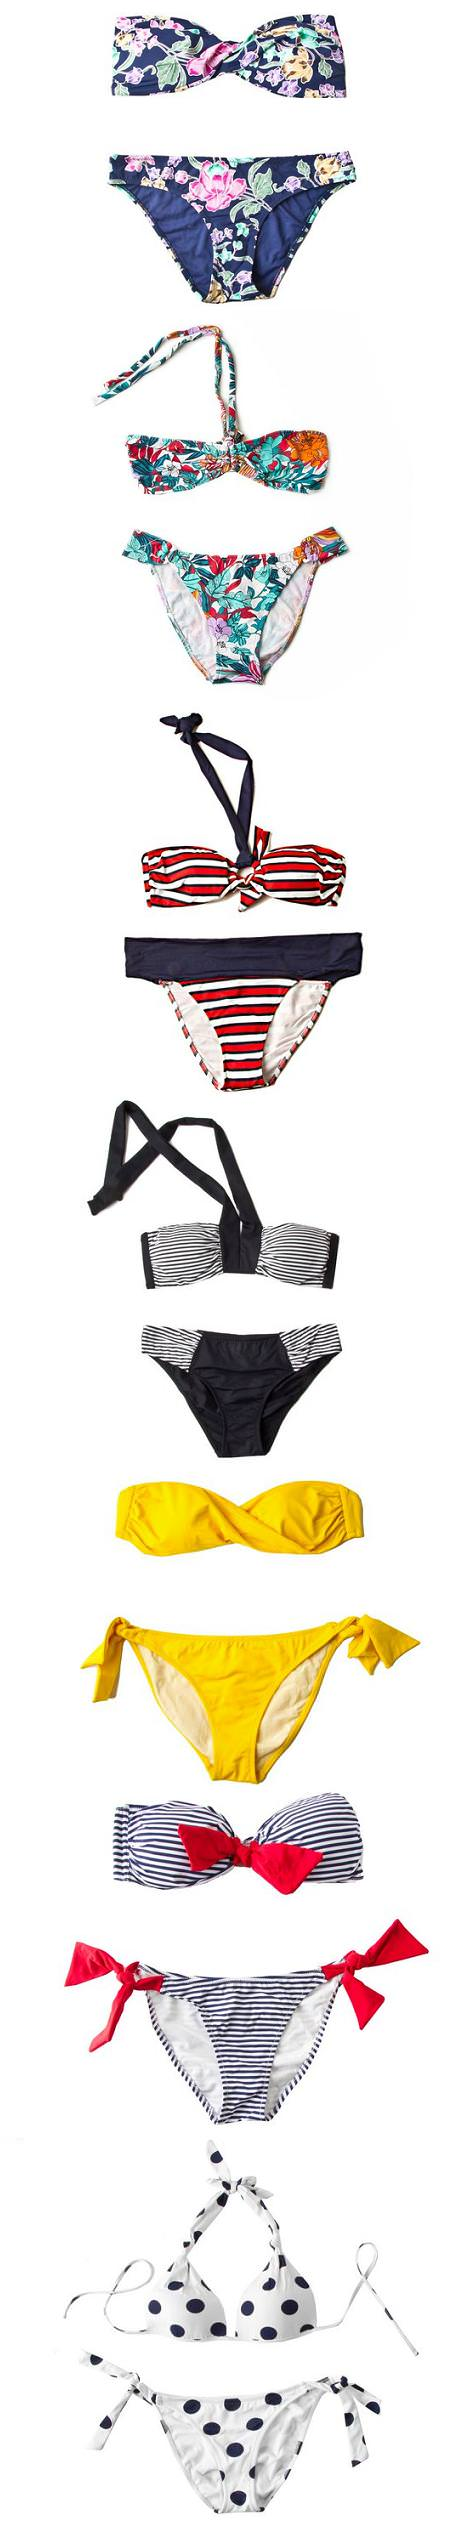 Bikinis de Sfera 2011